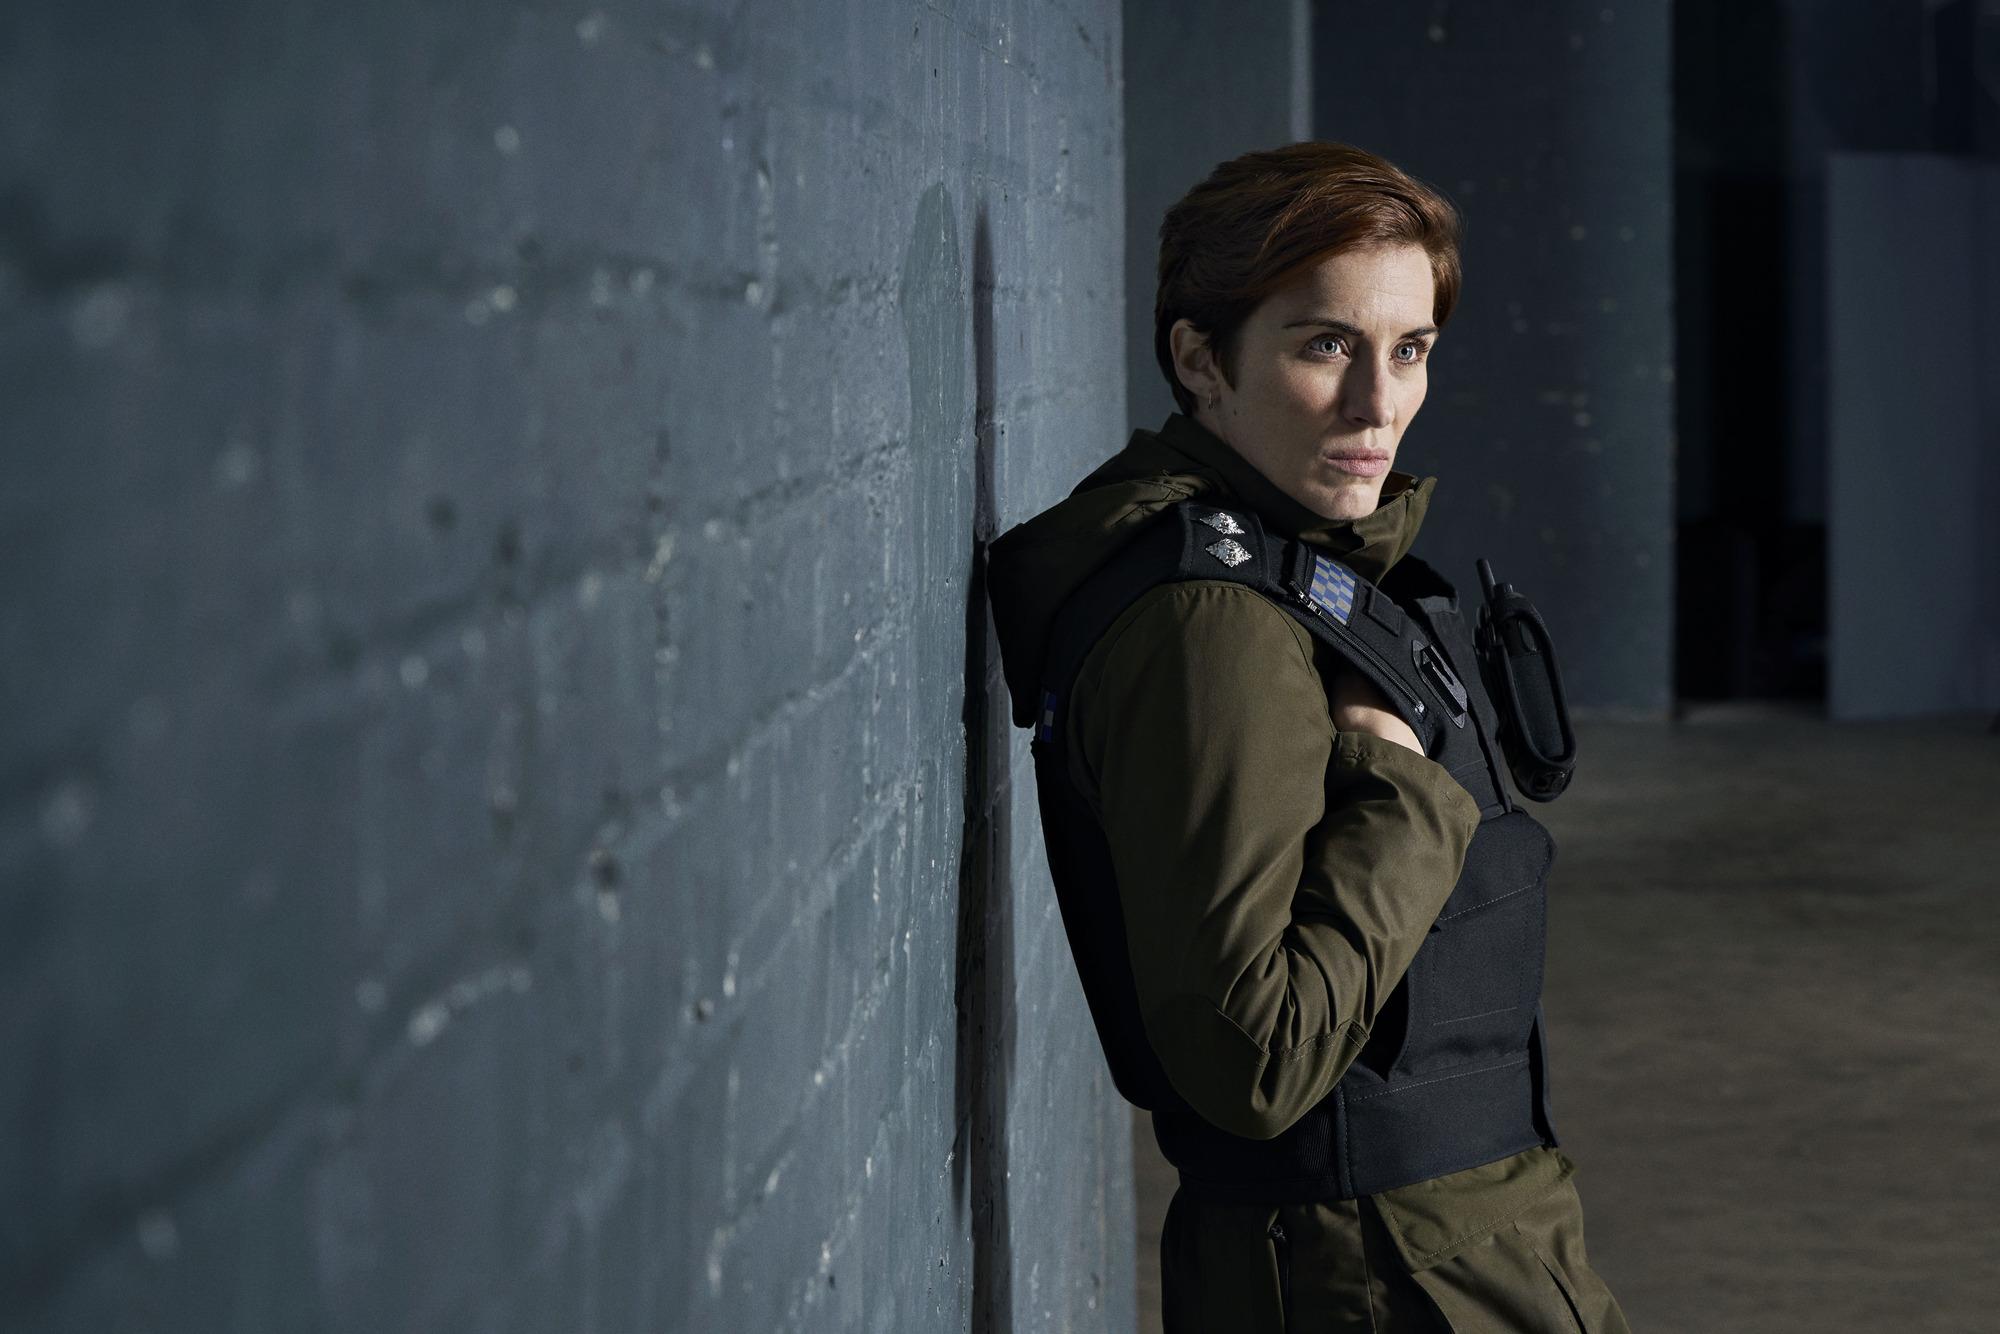 DI Kate Fleming de guardia